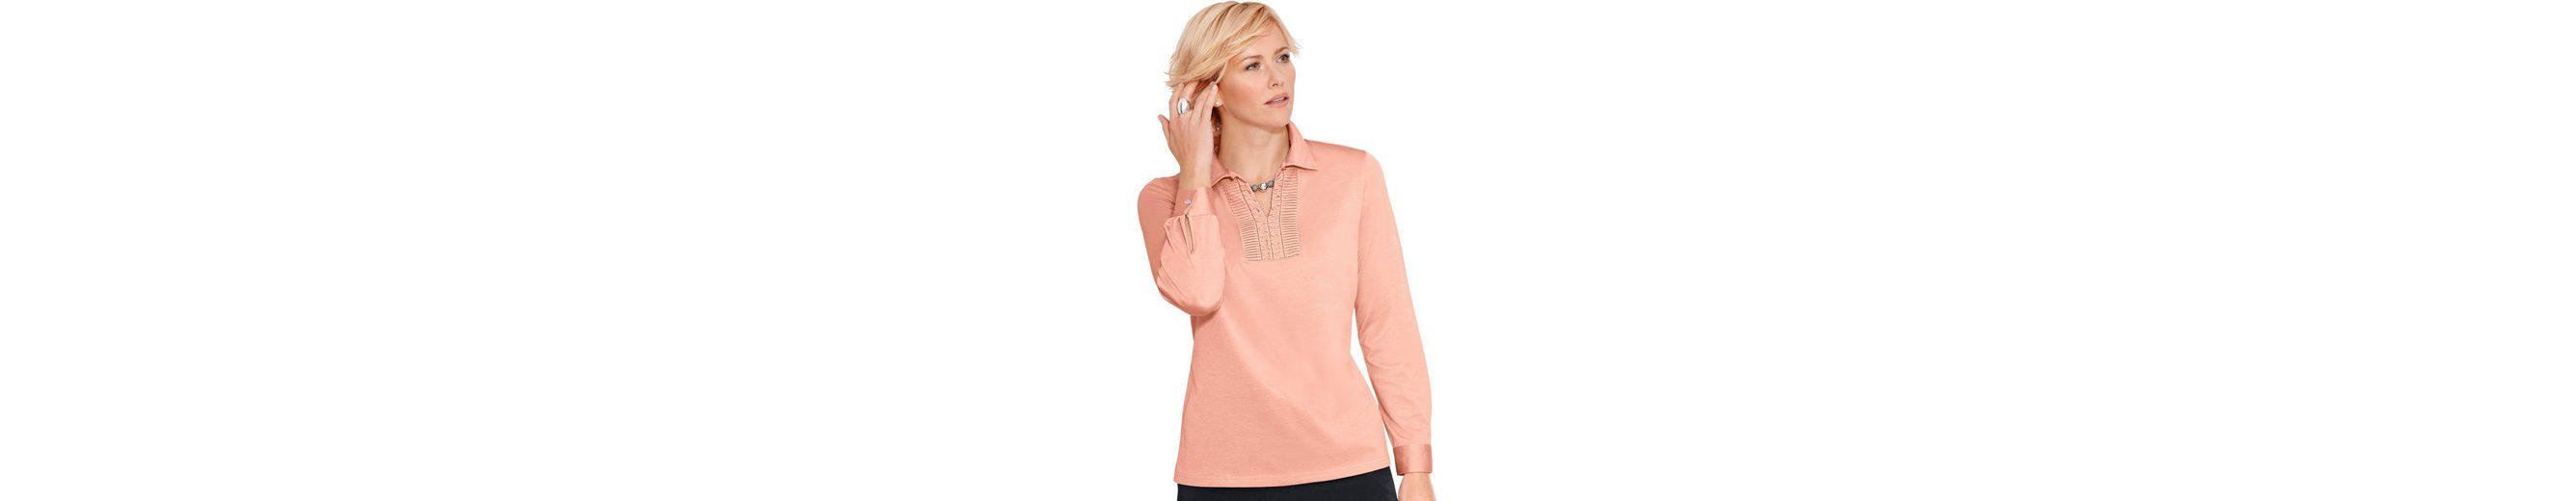 Classic Poloshirt mit dekorativem Schlaufenverschluss Sehr Billig Verkauf Online Genießen Günstig Online juyTu6n